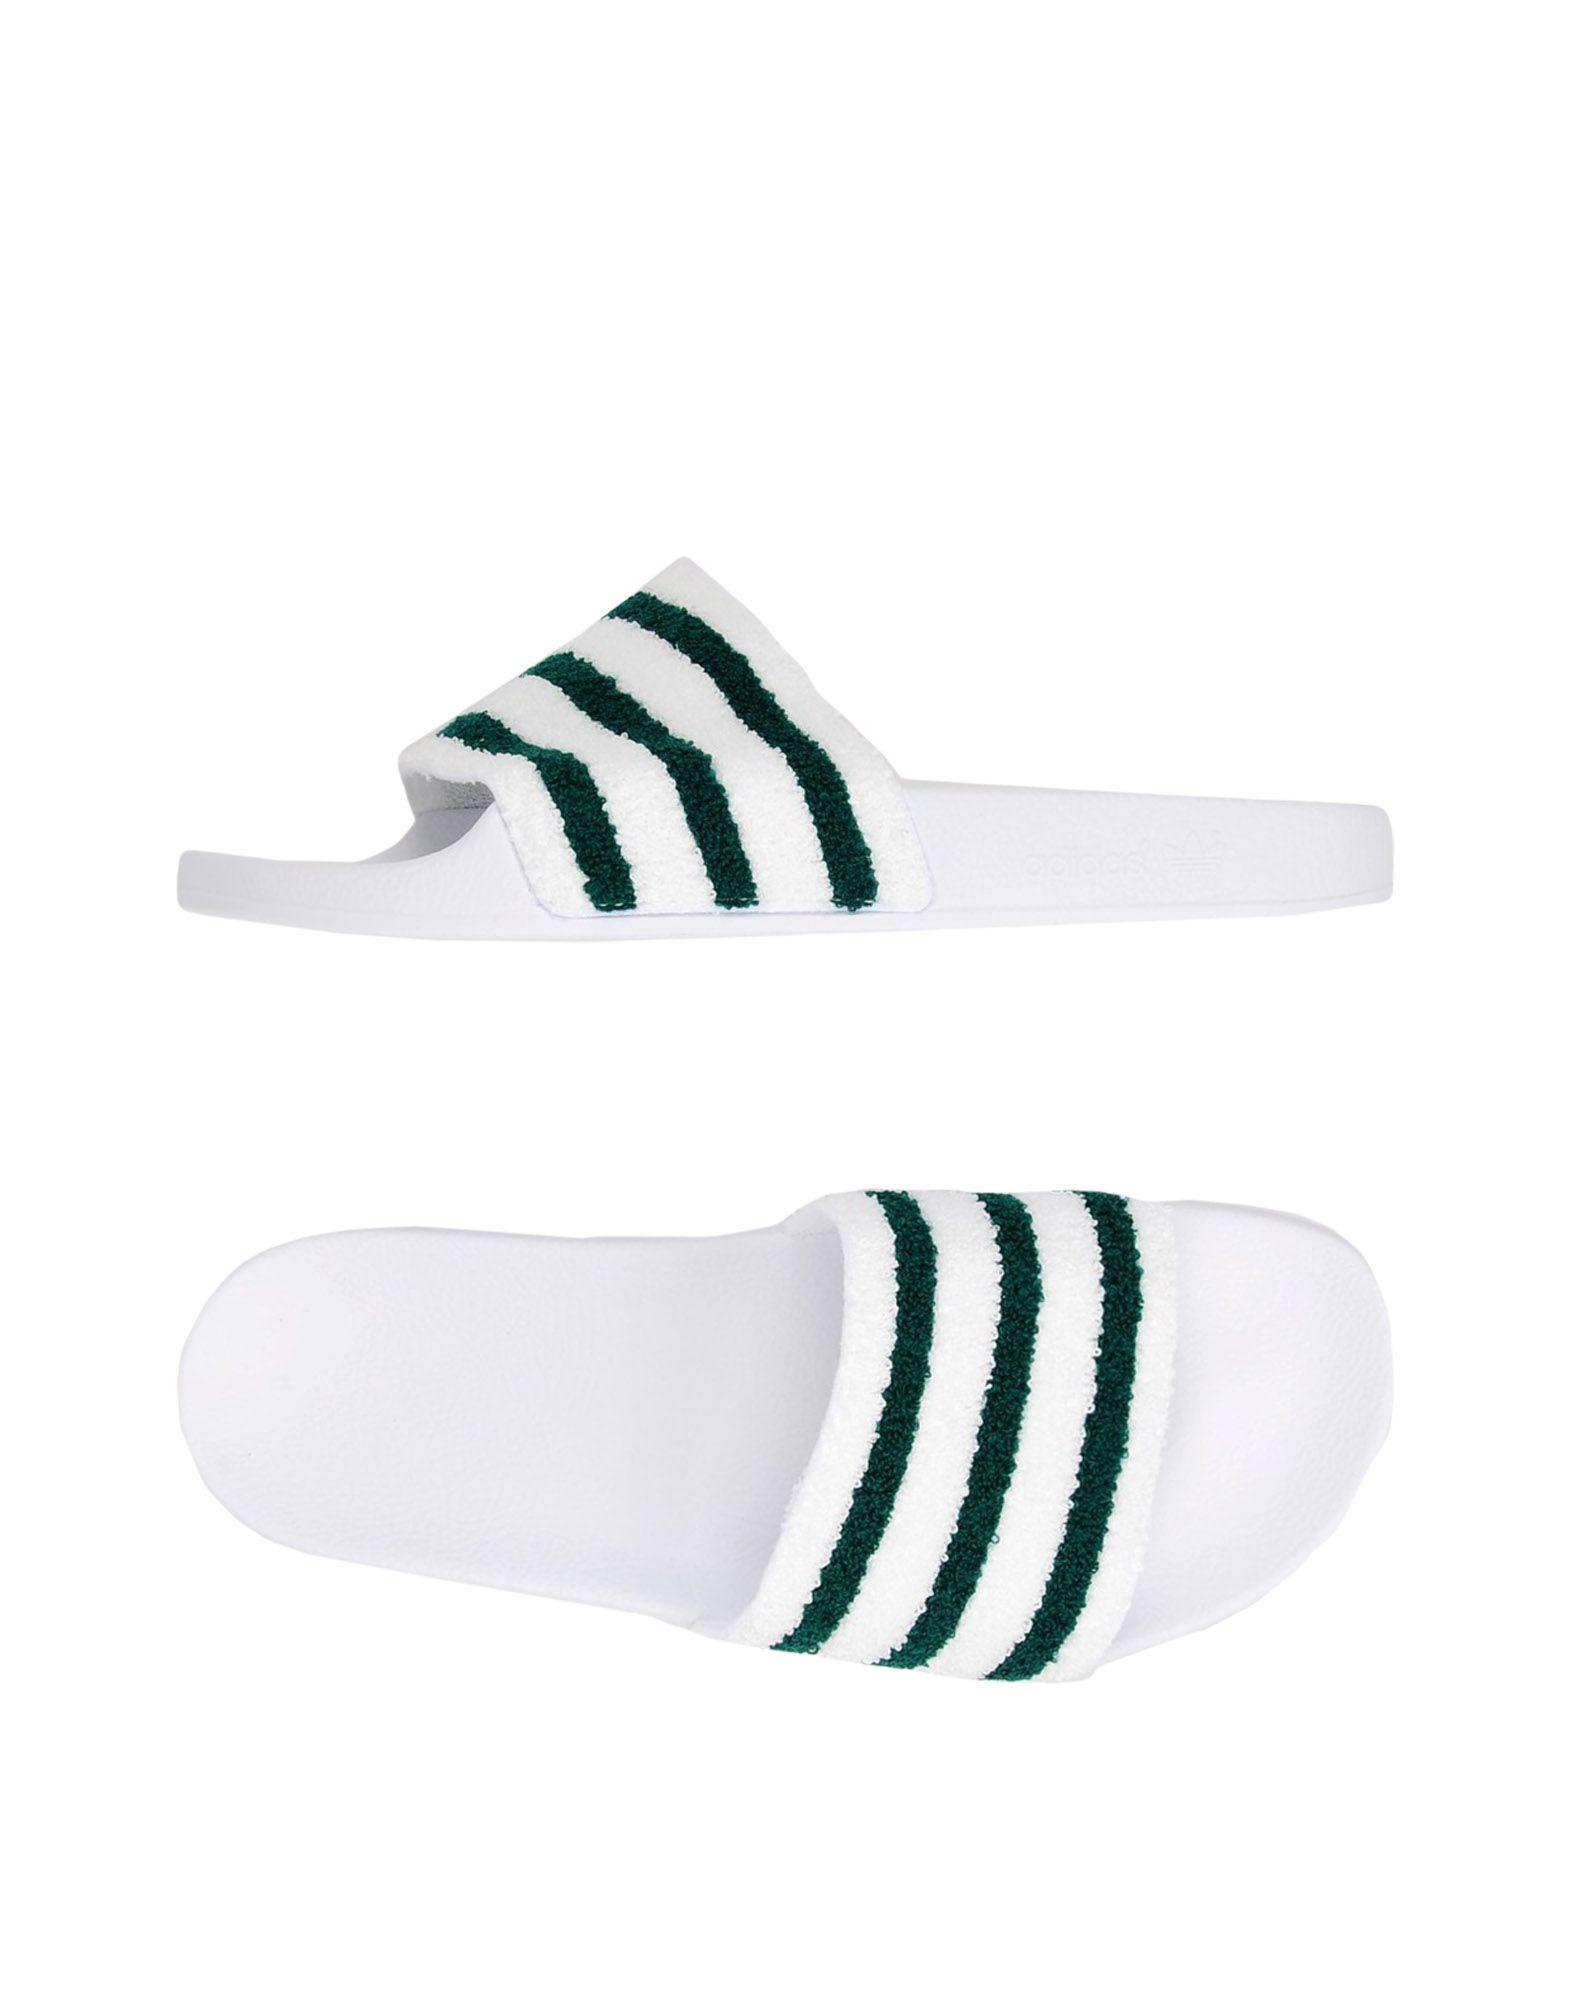 Sneakers Tsd12 Donna - 11456385HE Scarpe economiche e buone